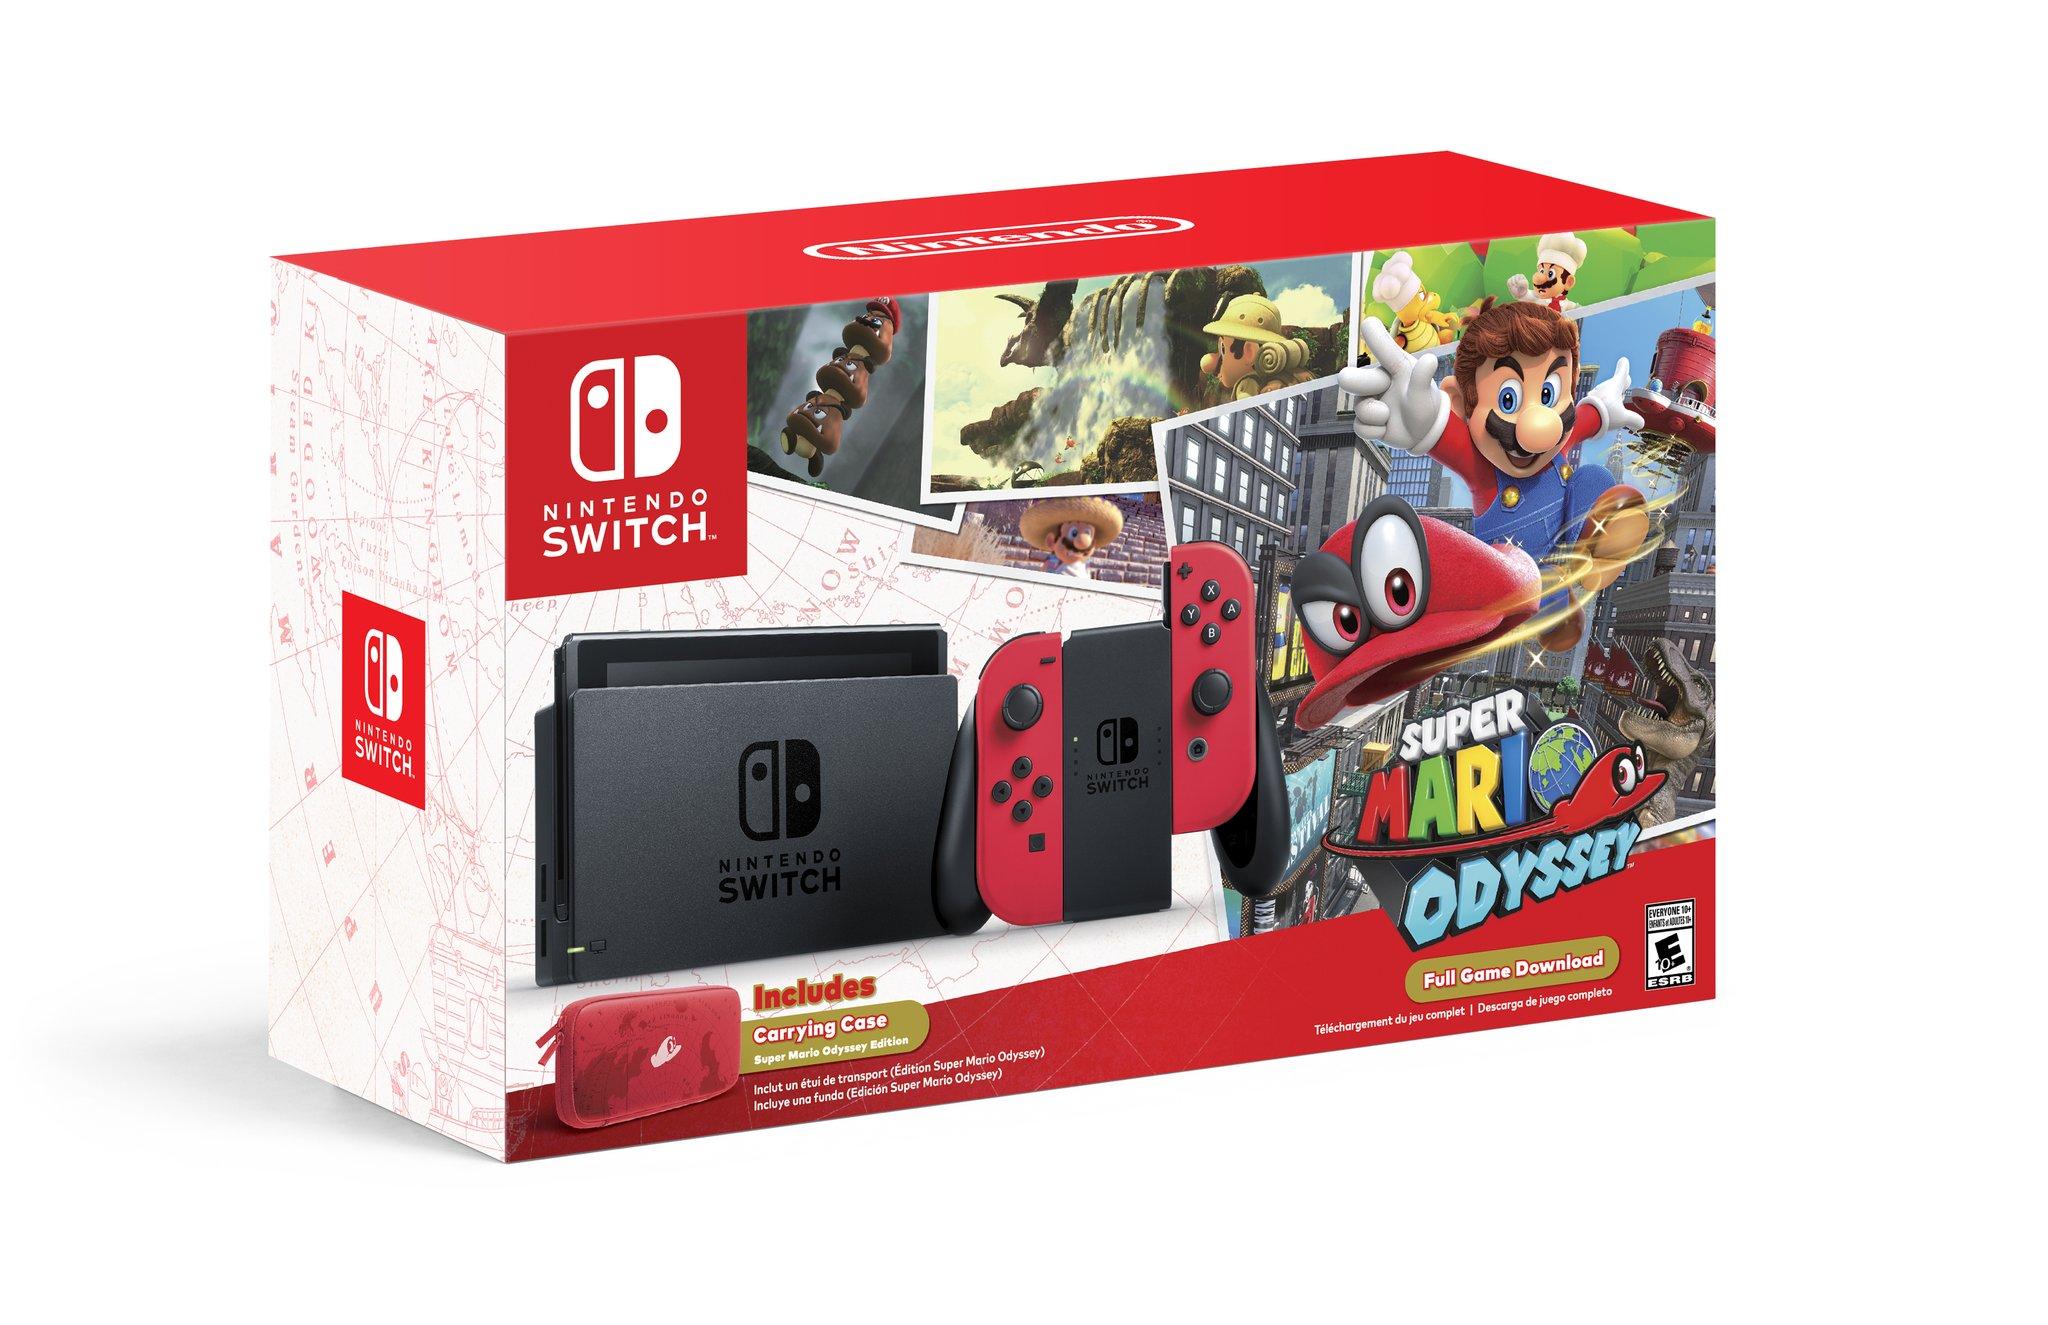 Nintendo revela Bundle de Nintendo Switch com Super Mario Odyssey para o próximo mês